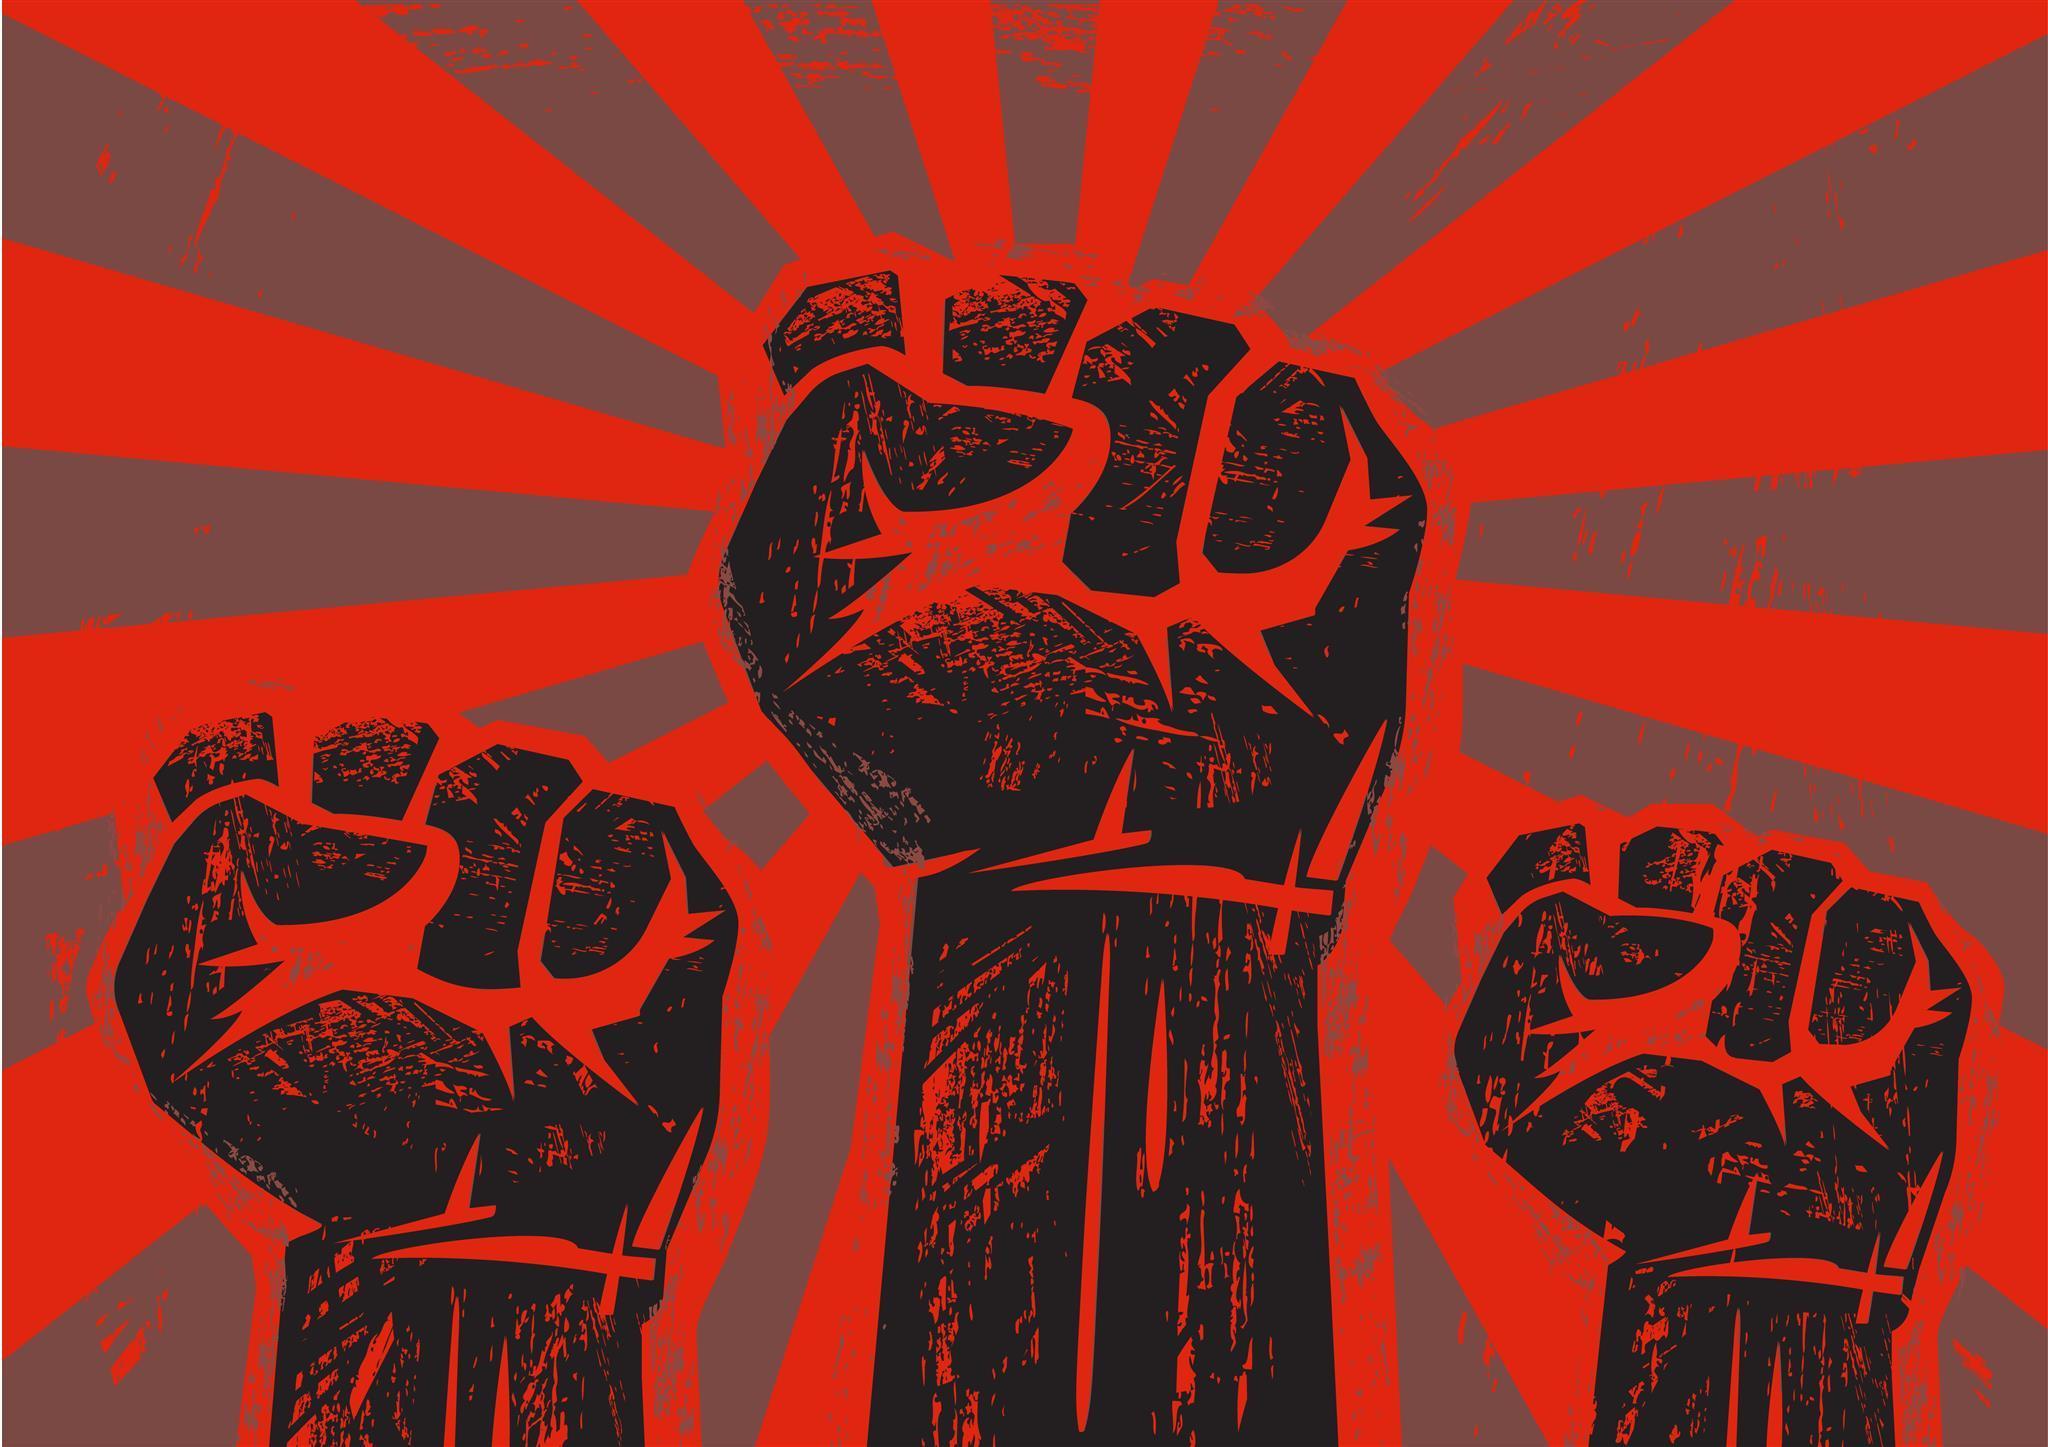 vermelho ligado aos sentimentos de luta, raiva e irritação